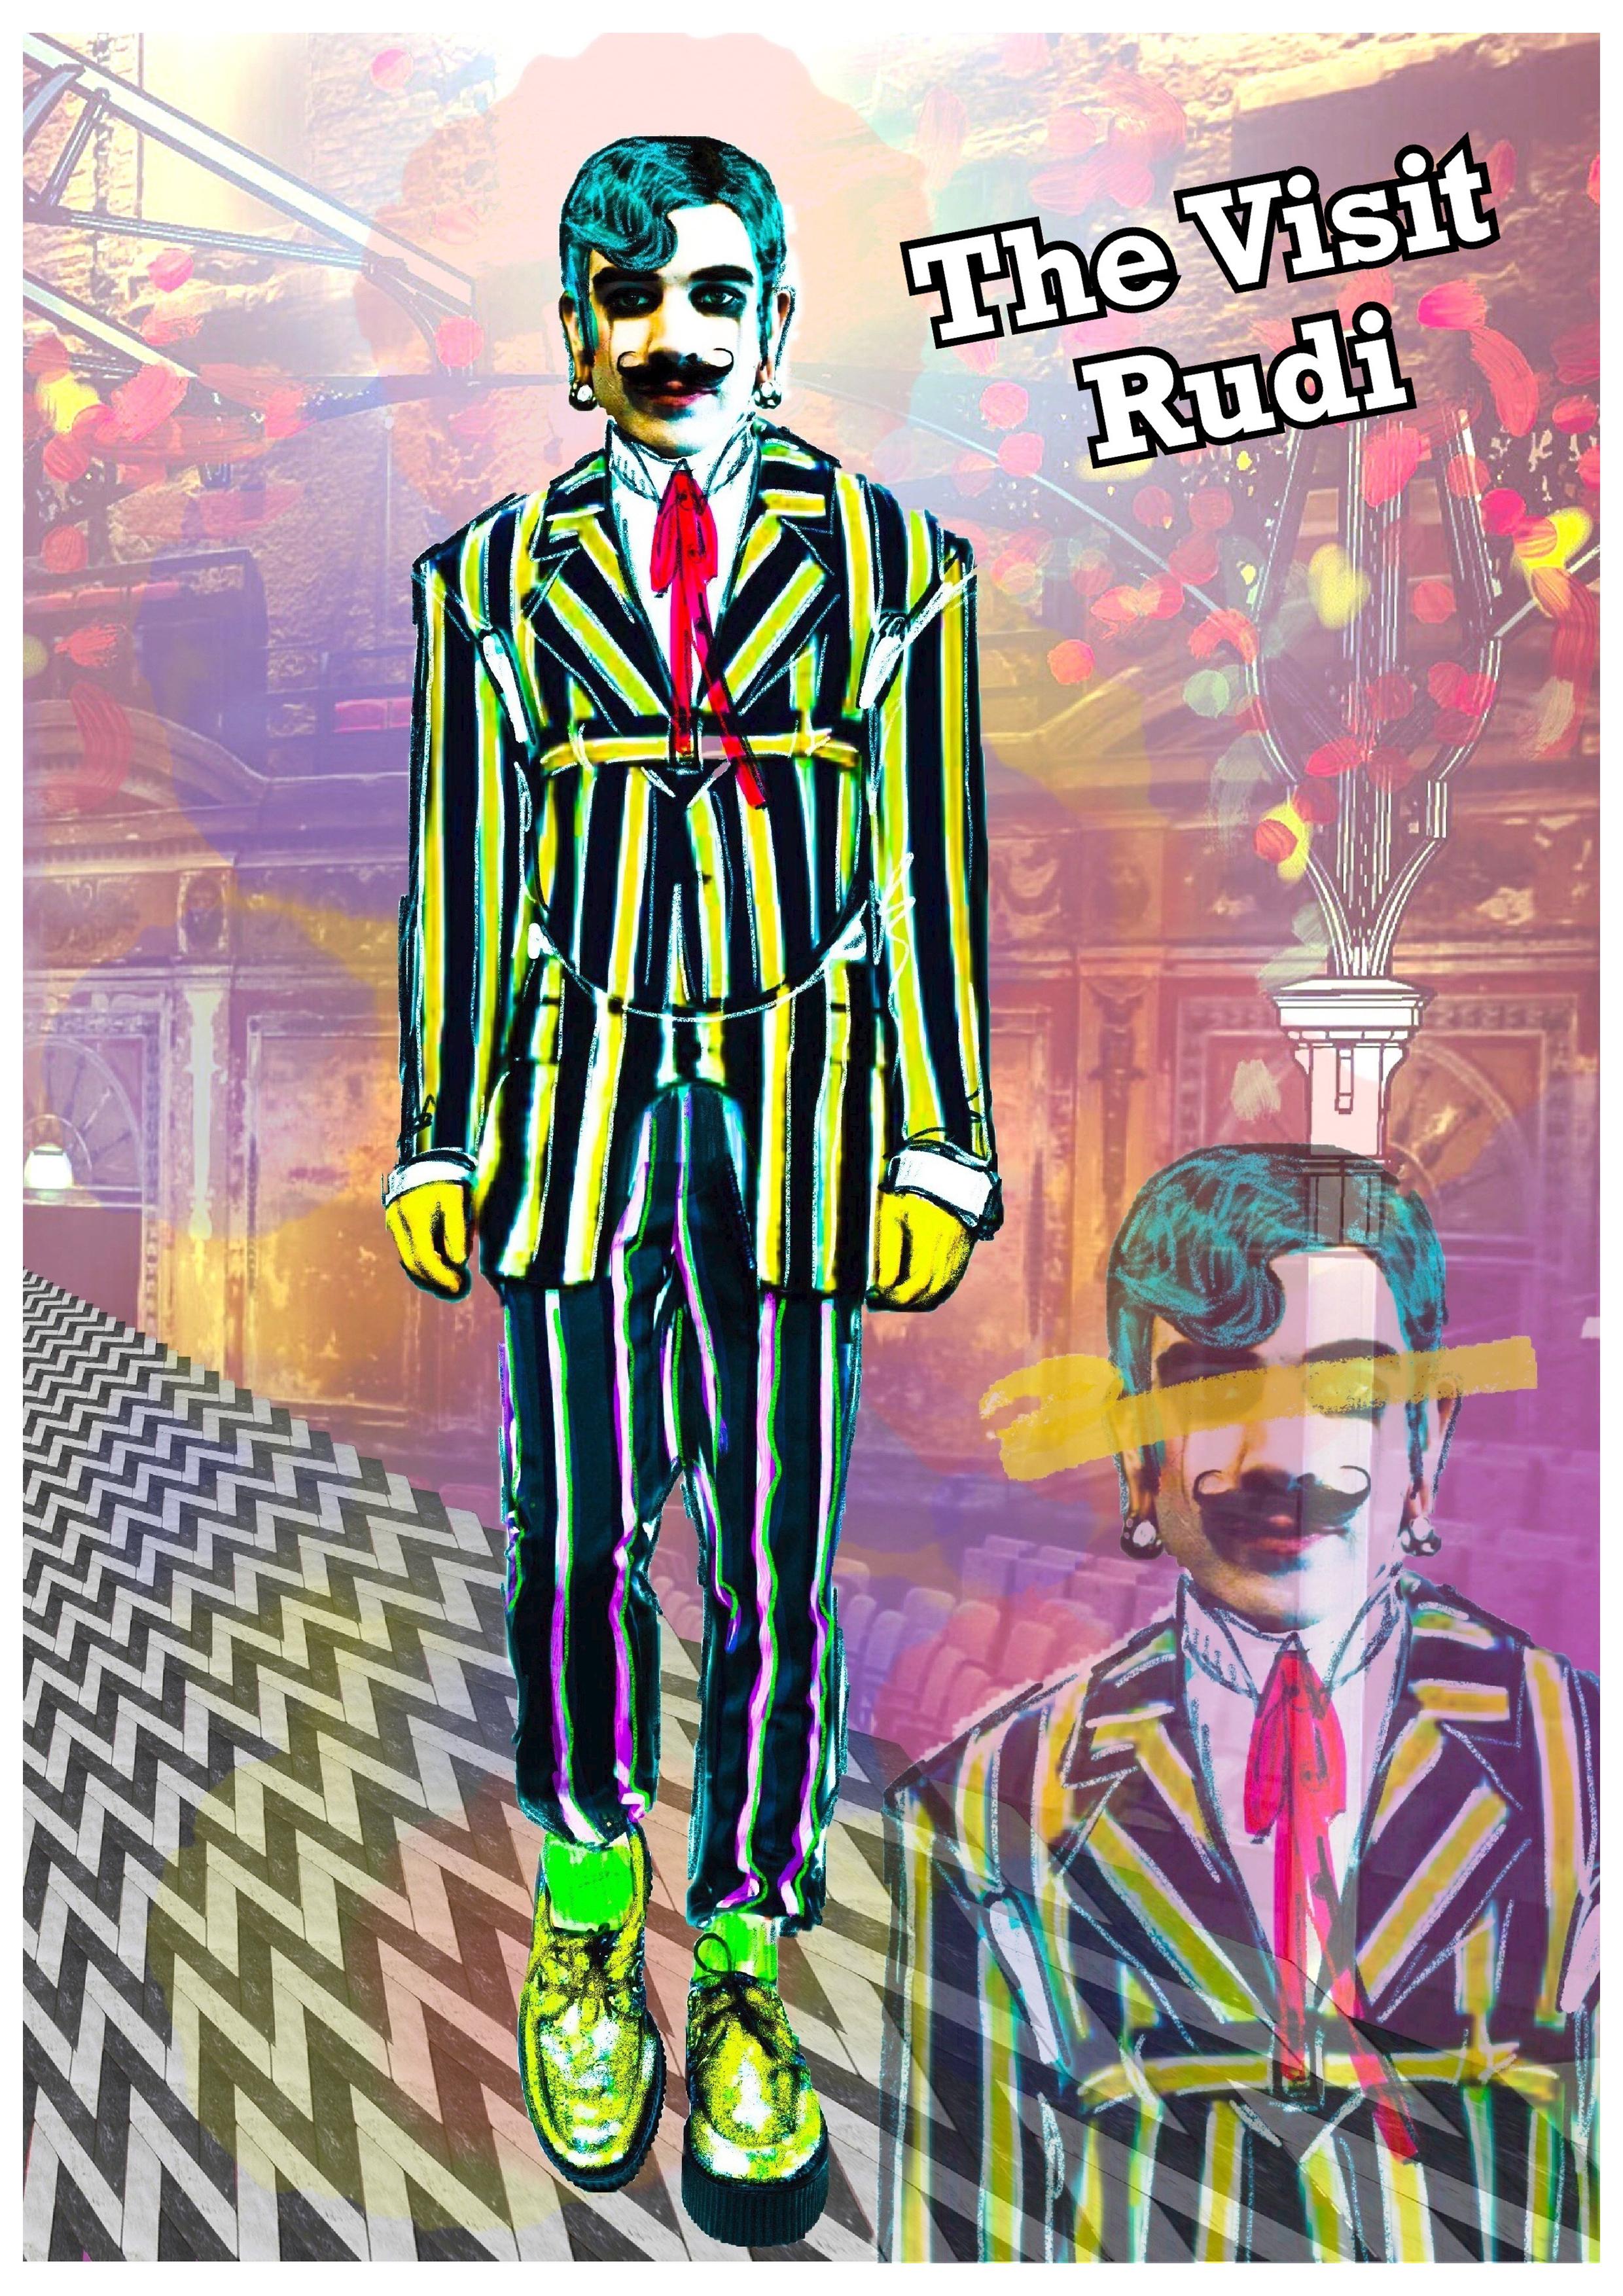 Rudi - Costume Design